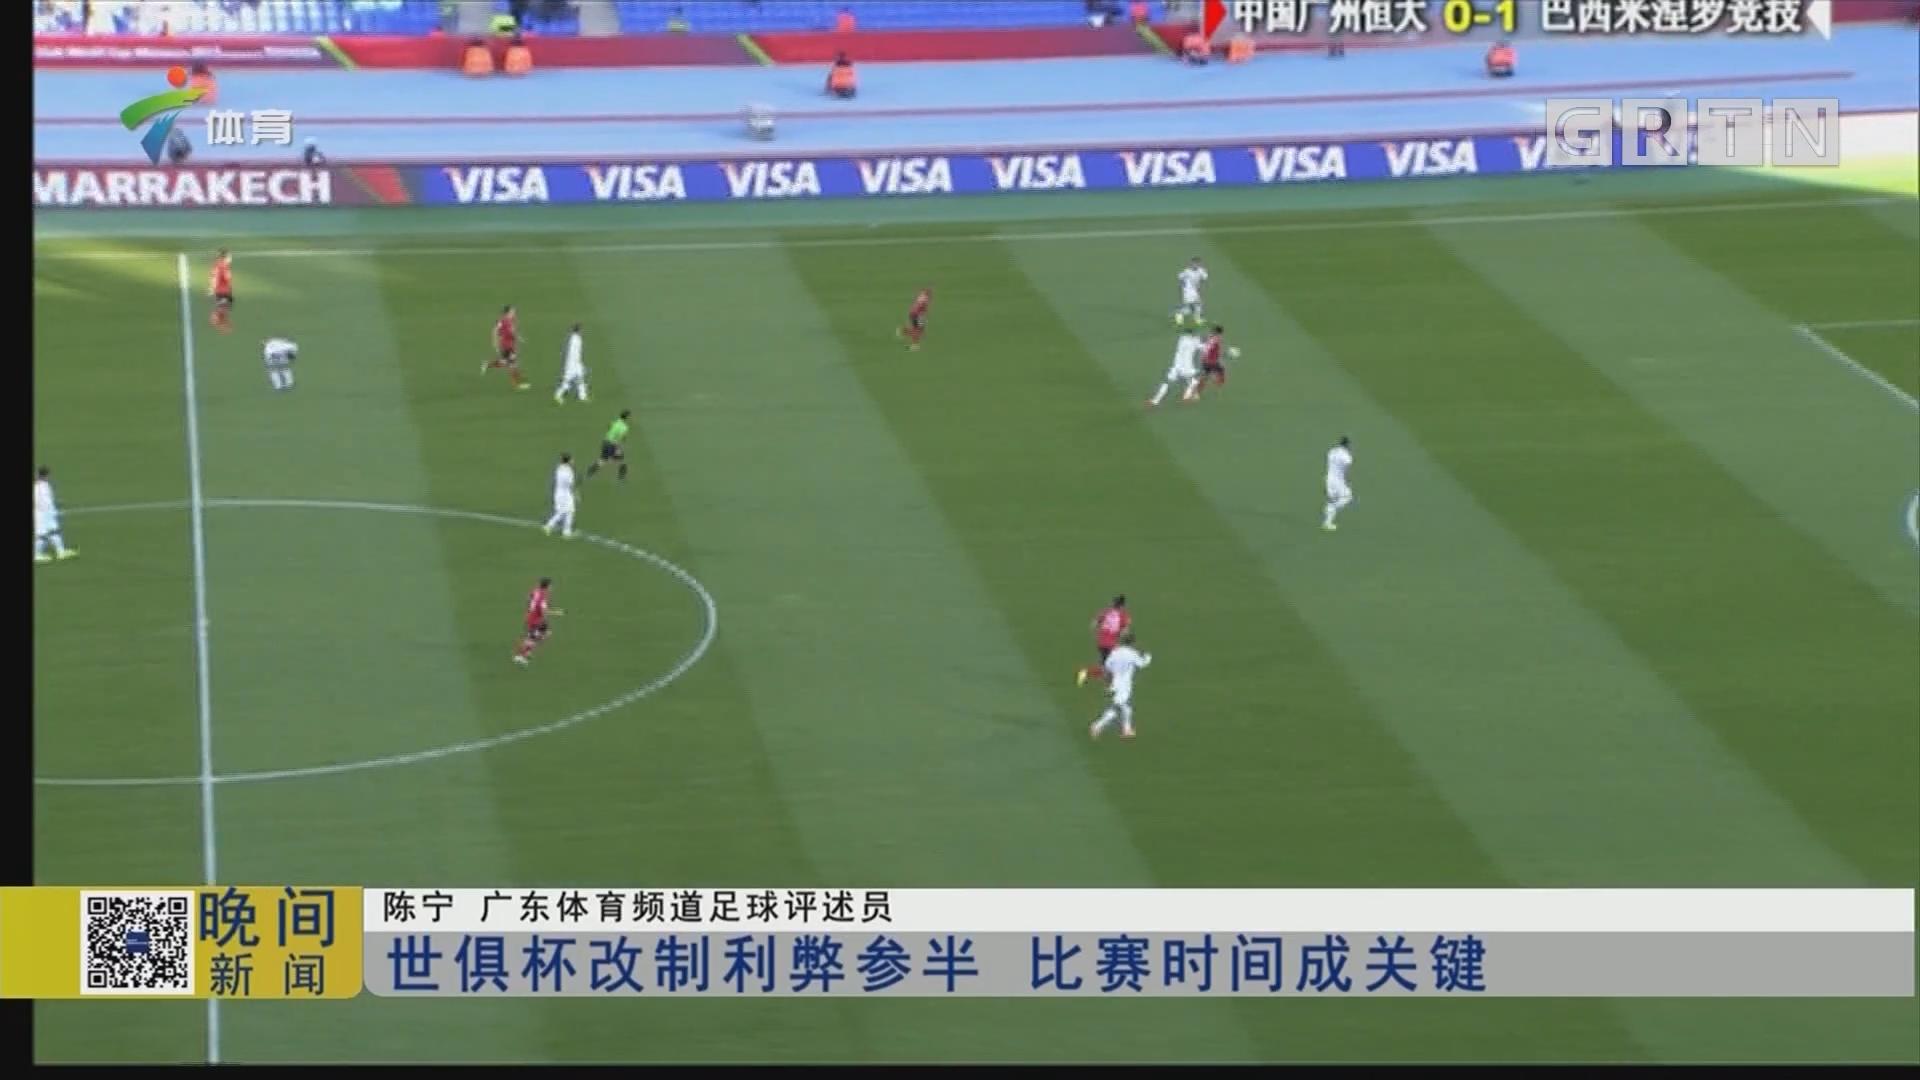 世俱杯改制利弊參半 比賽時間成關鍵